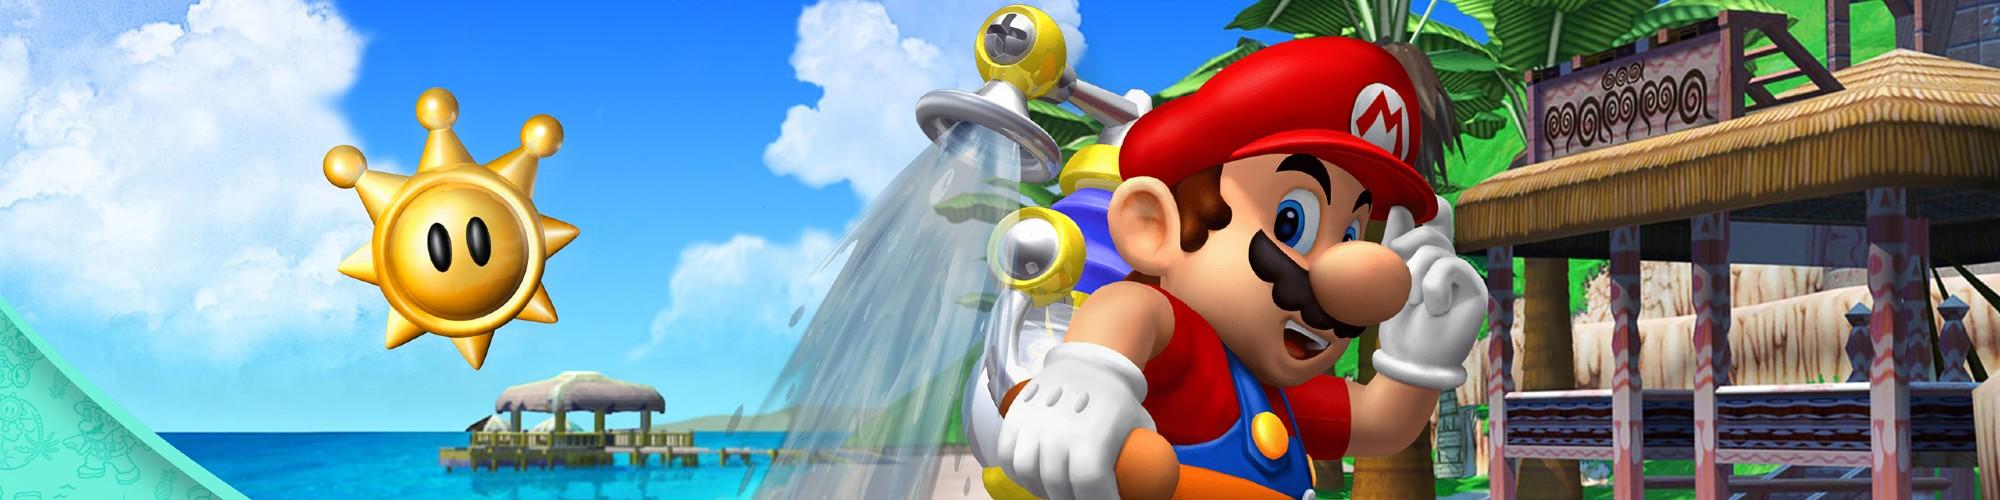 Super Mario Sunshine Hero Banner